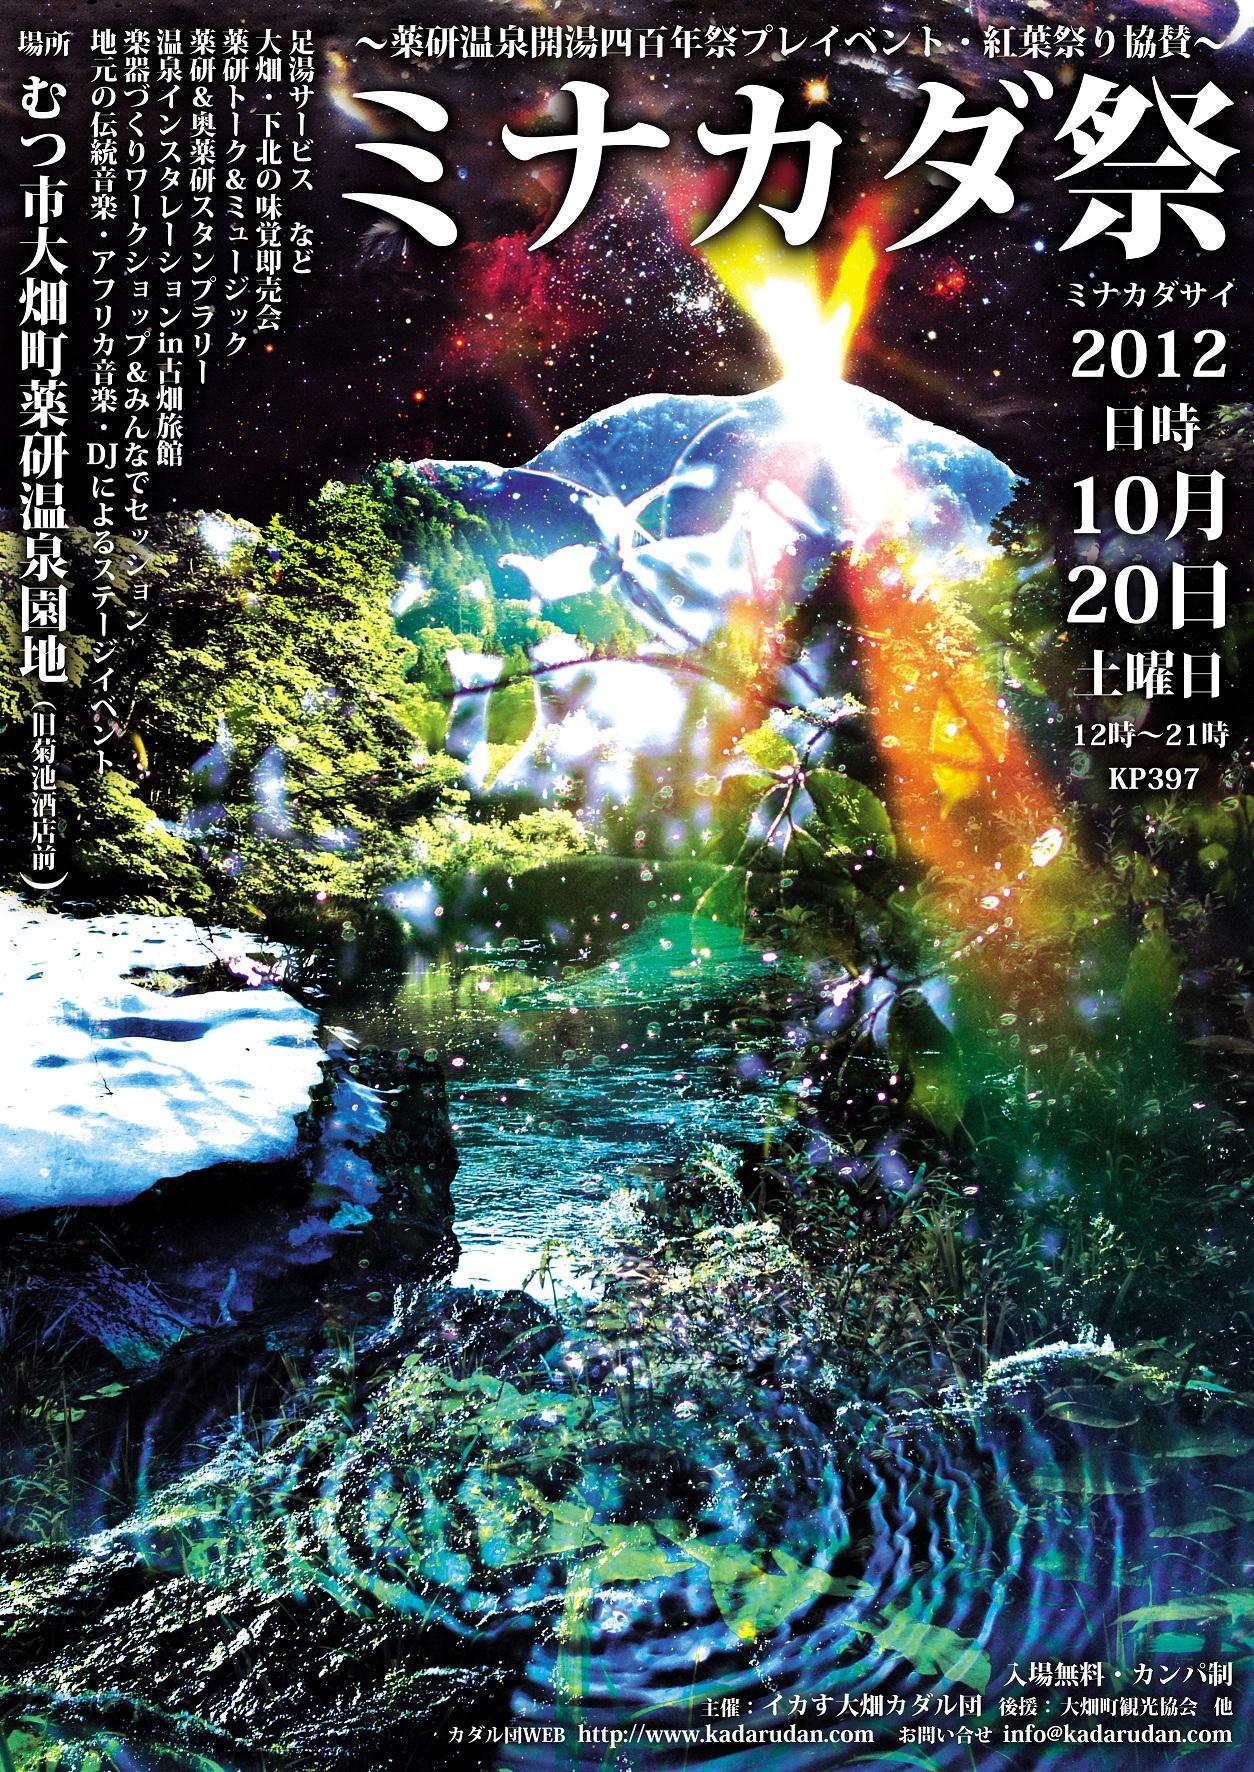 温泉×紅葉×音楽・アート「ミナカダ祭」が開催されます。